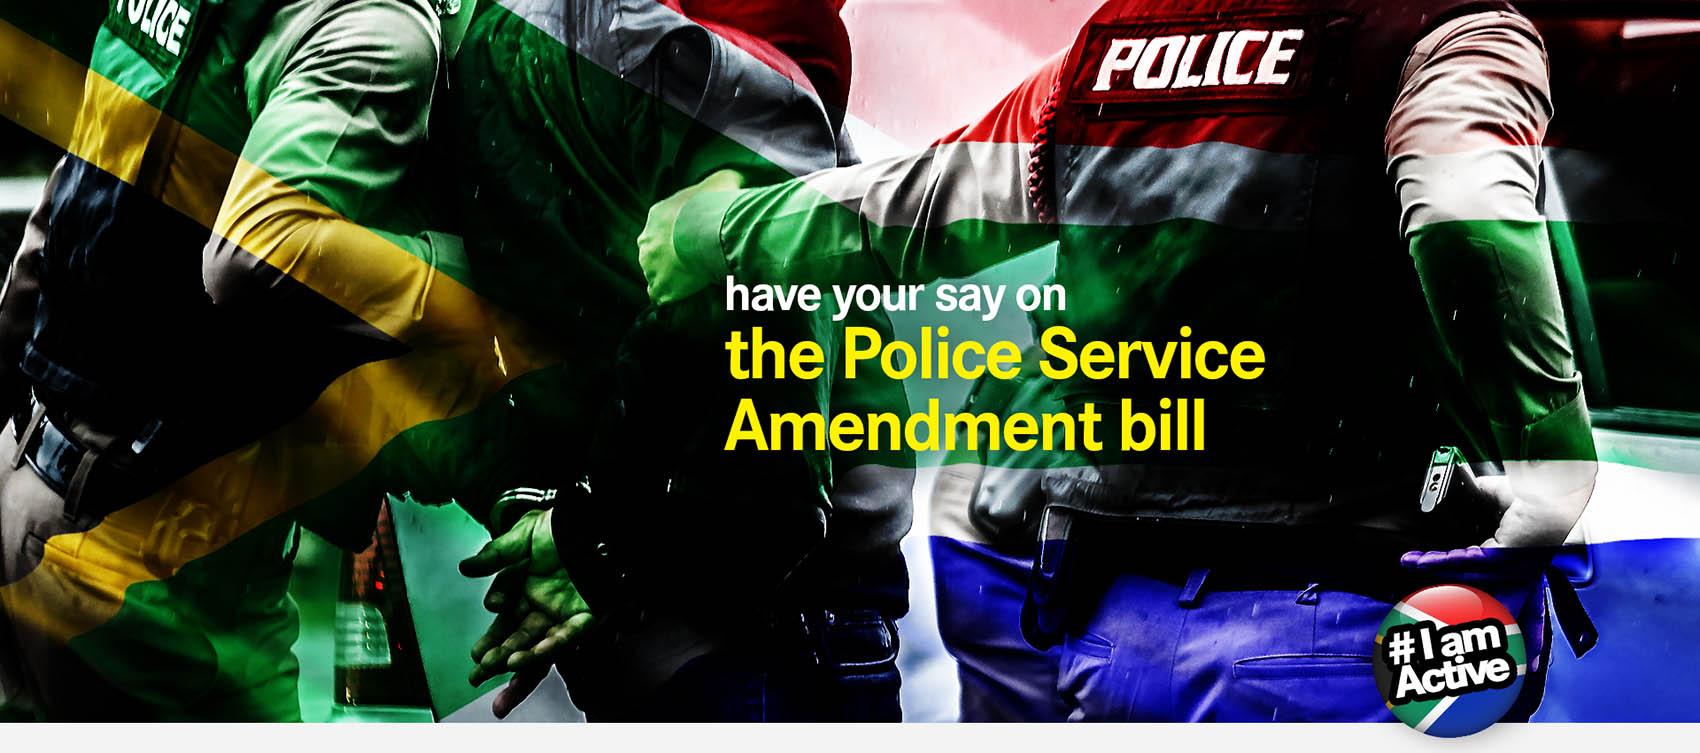 police-service-amendment-DearSA